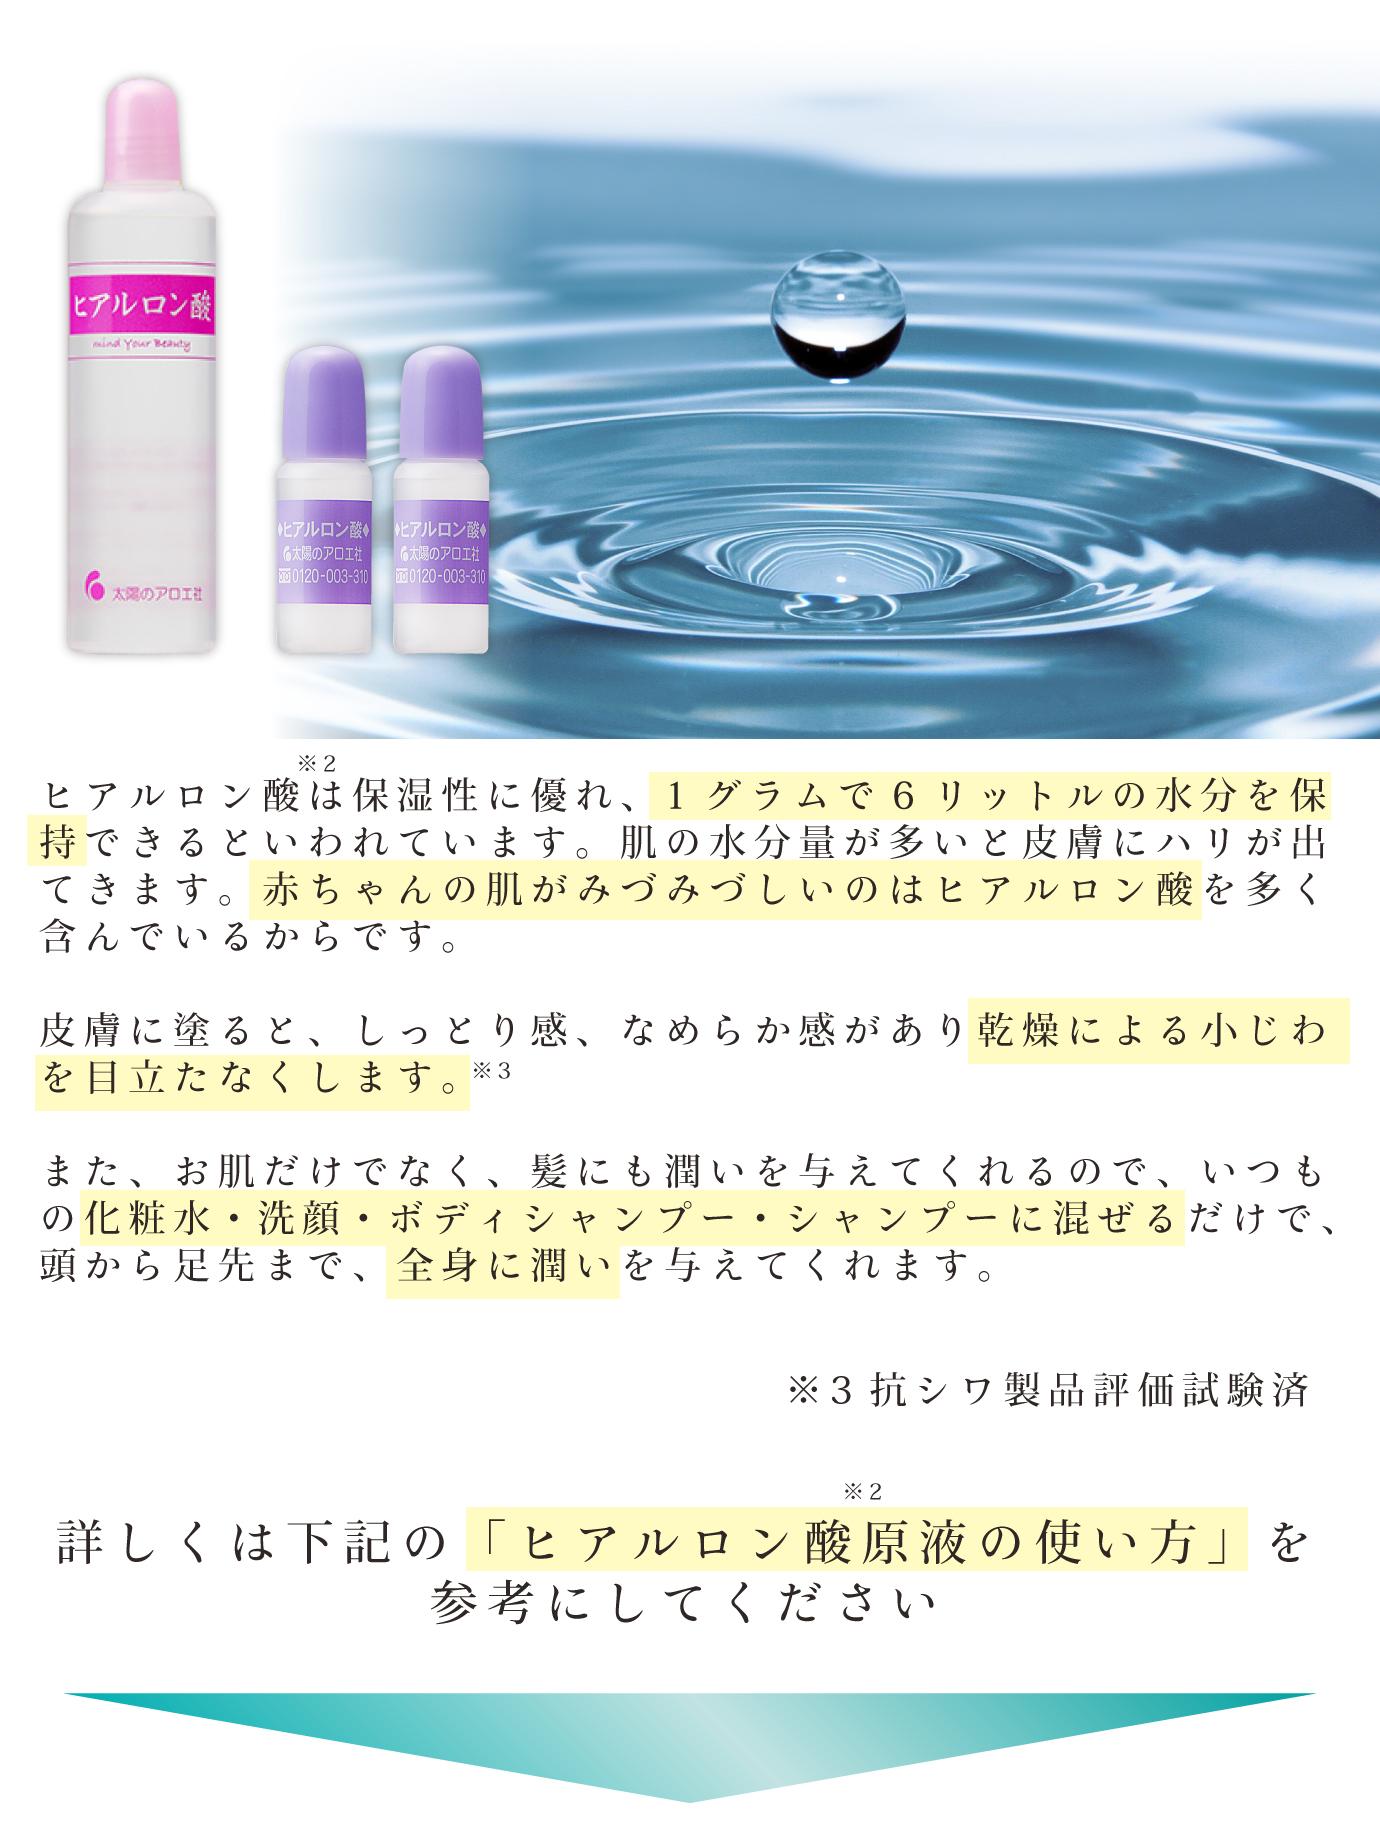 ヒアルロン酸は保湿性に優れ、1グラムで6リットルの水分を保持できるといわれています。肌の水分量が多いと皮膚にハリが出てきます。赤ちゃんの肌がみづみづしいのはヒアルロン酸を多く含んでいるからです。皮膚に塗ると、しっとり感、なめらか感があり乾燥による小じわを目立たなくします。また、お肌だけでなく、髪にも潤いを与えてくれるので、いつもの化粧水・洗顔・ボディシャンプー・シャンプーに混ぜるだけで、頭から足先まで、全身に潤いを与えてくれます。